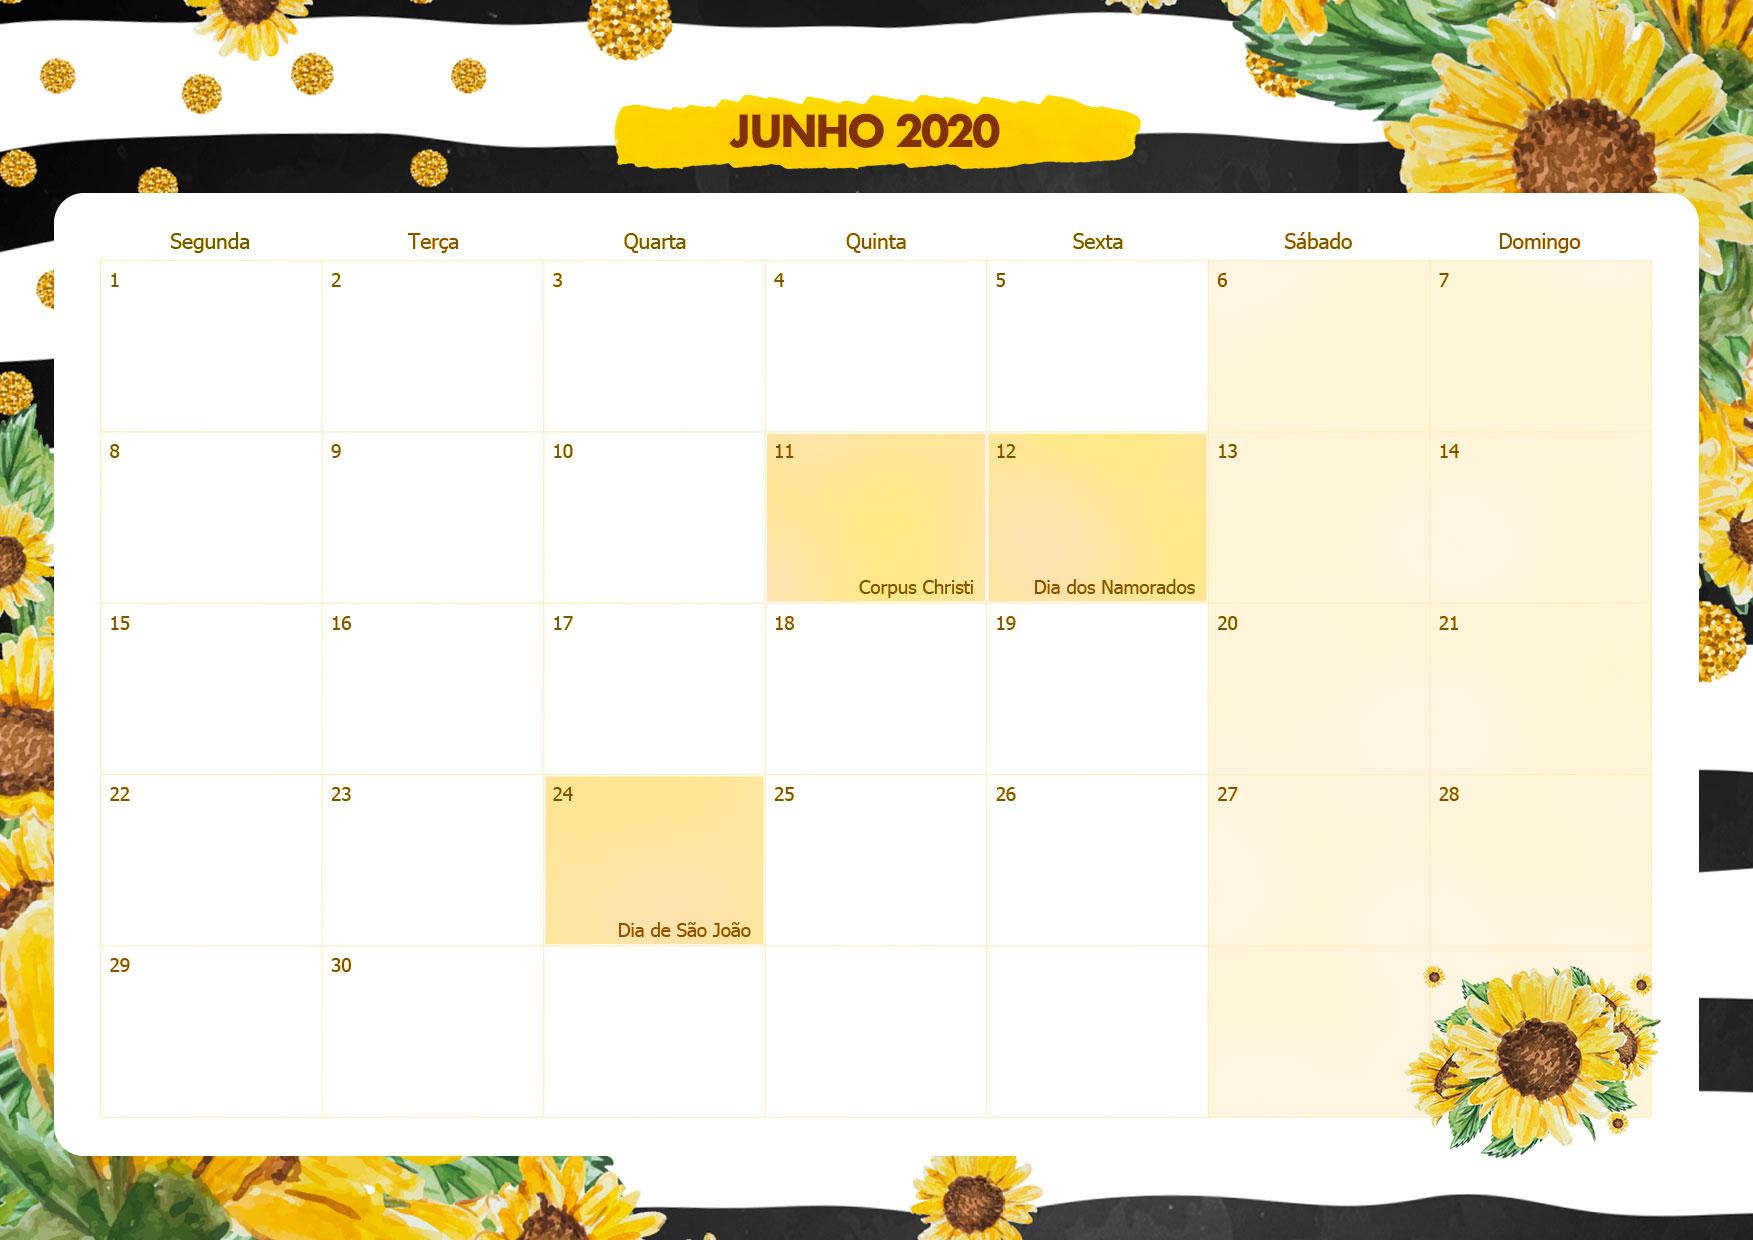 Calendario Mensal Girassol Junho 2020